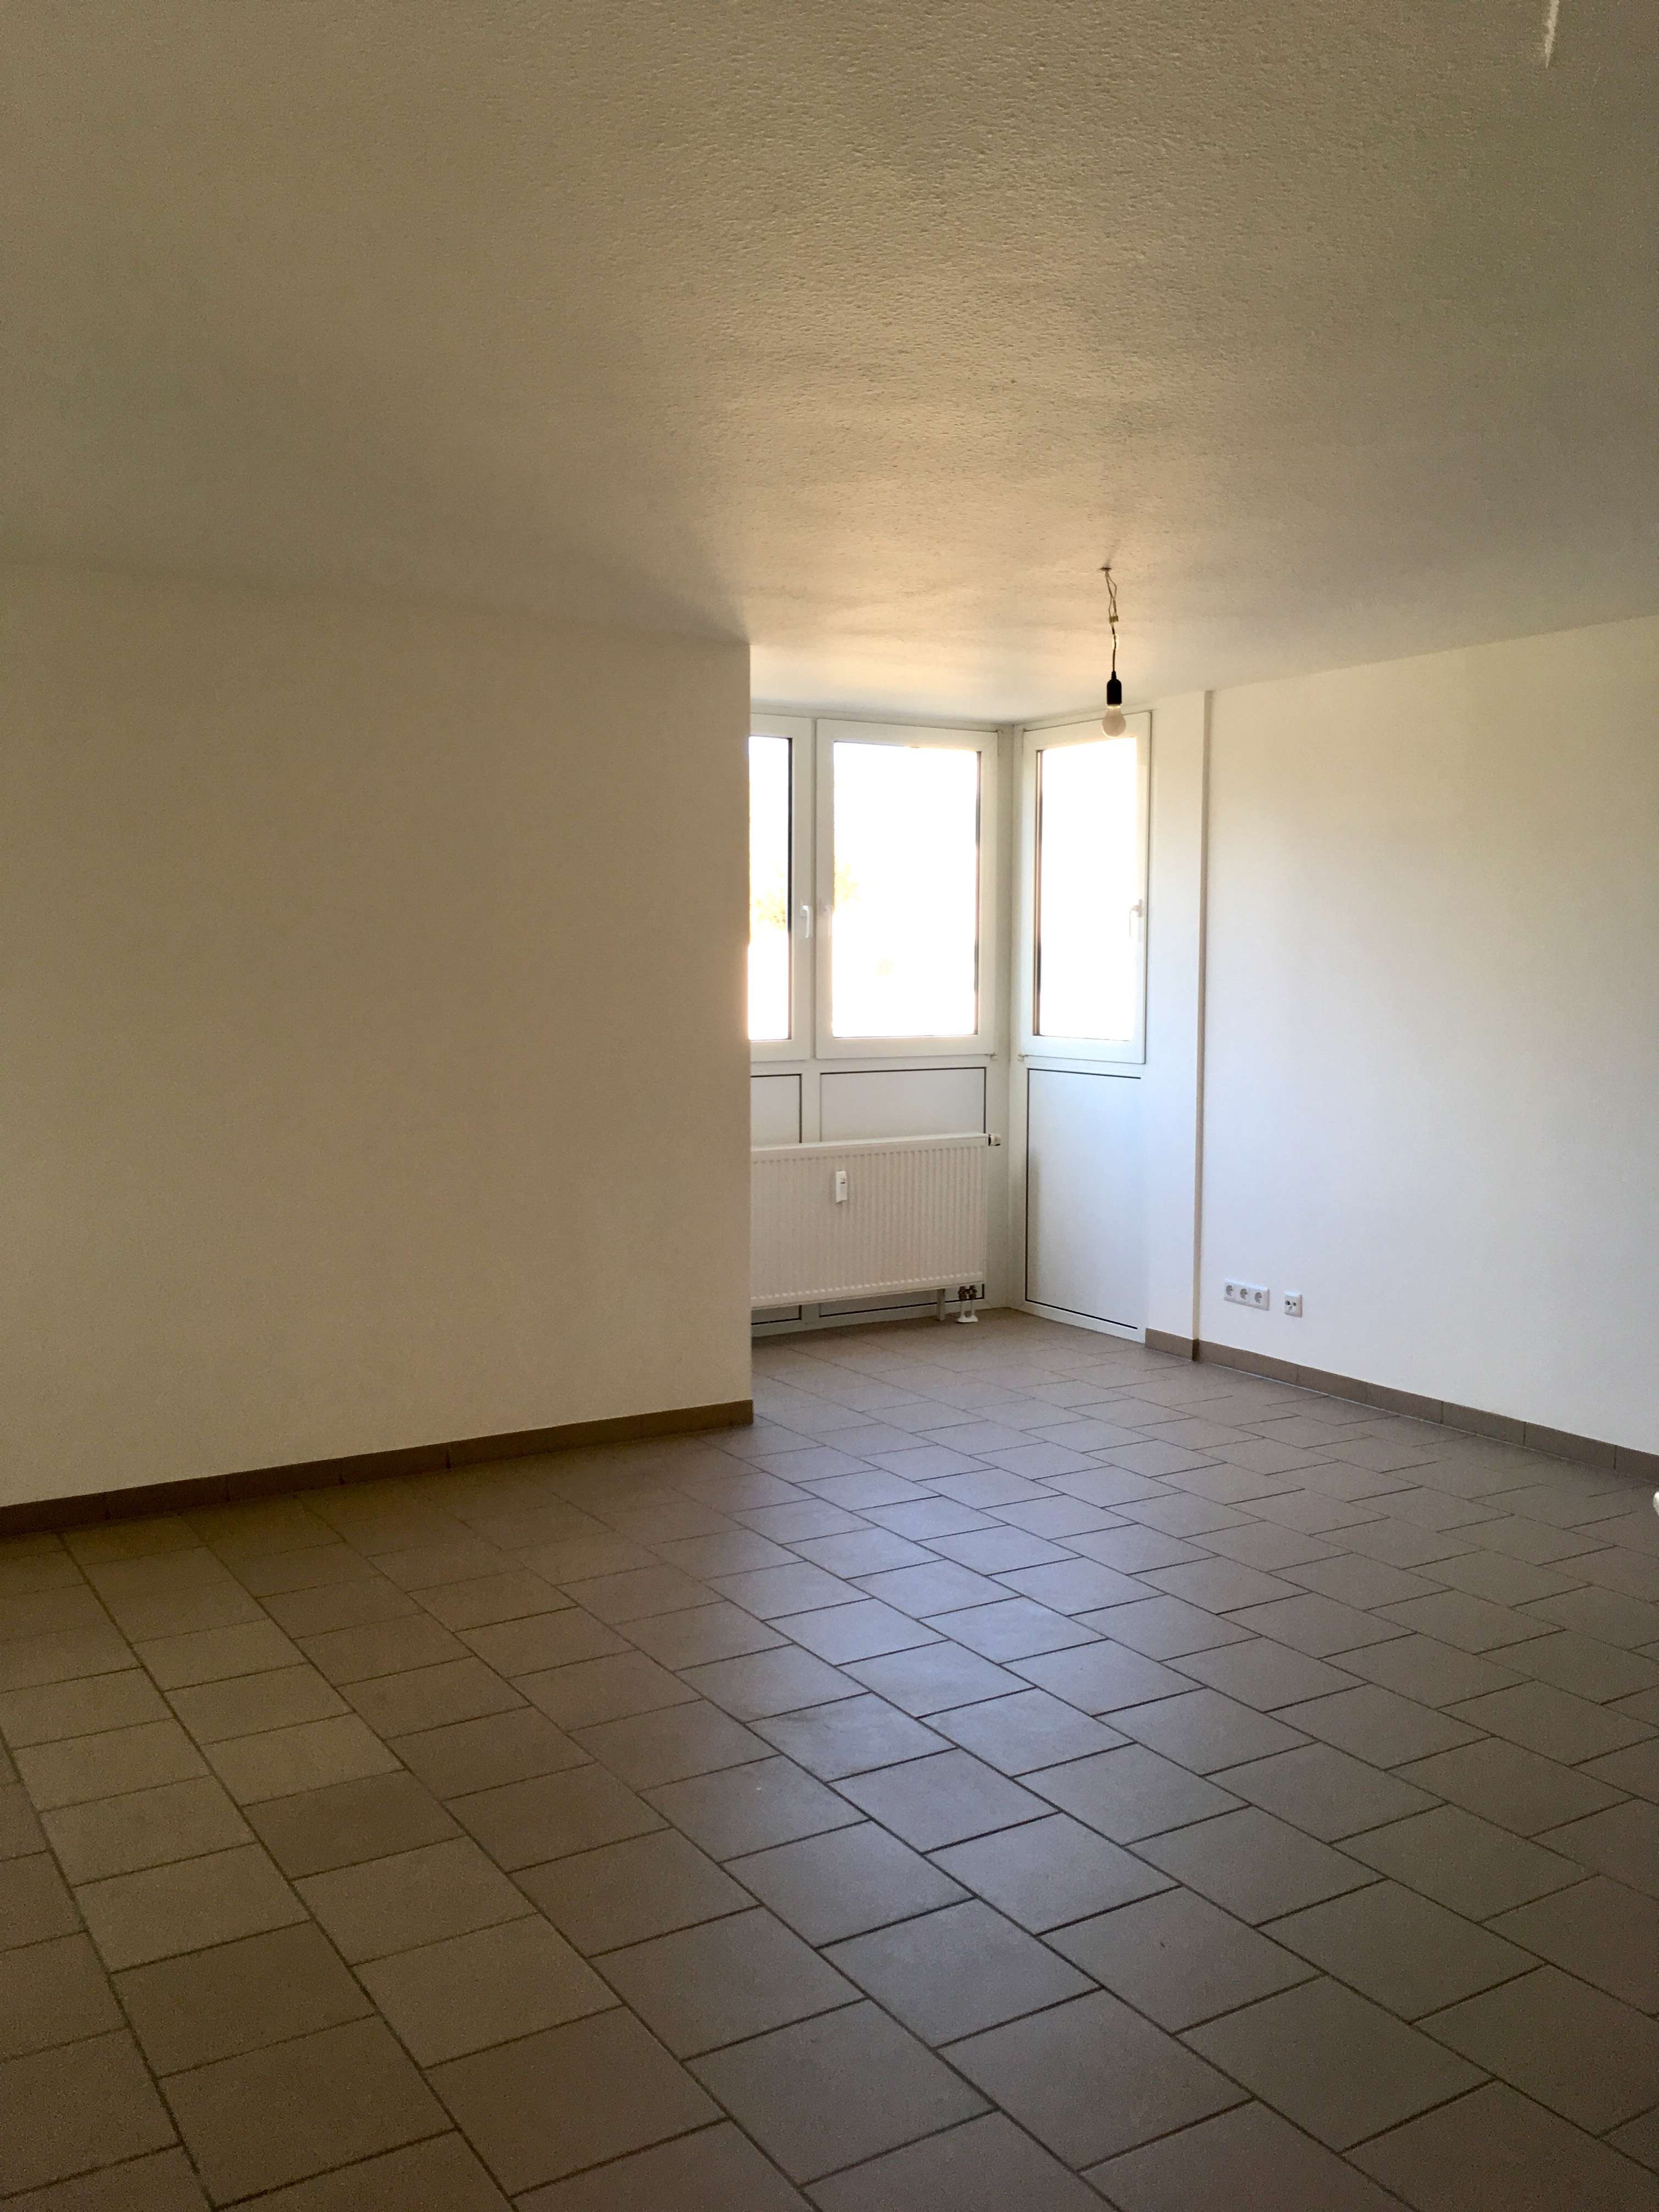 Renovierte Wohnung + Balkon + Aufzug + Altersgerecht - Innenstadt Fürth in